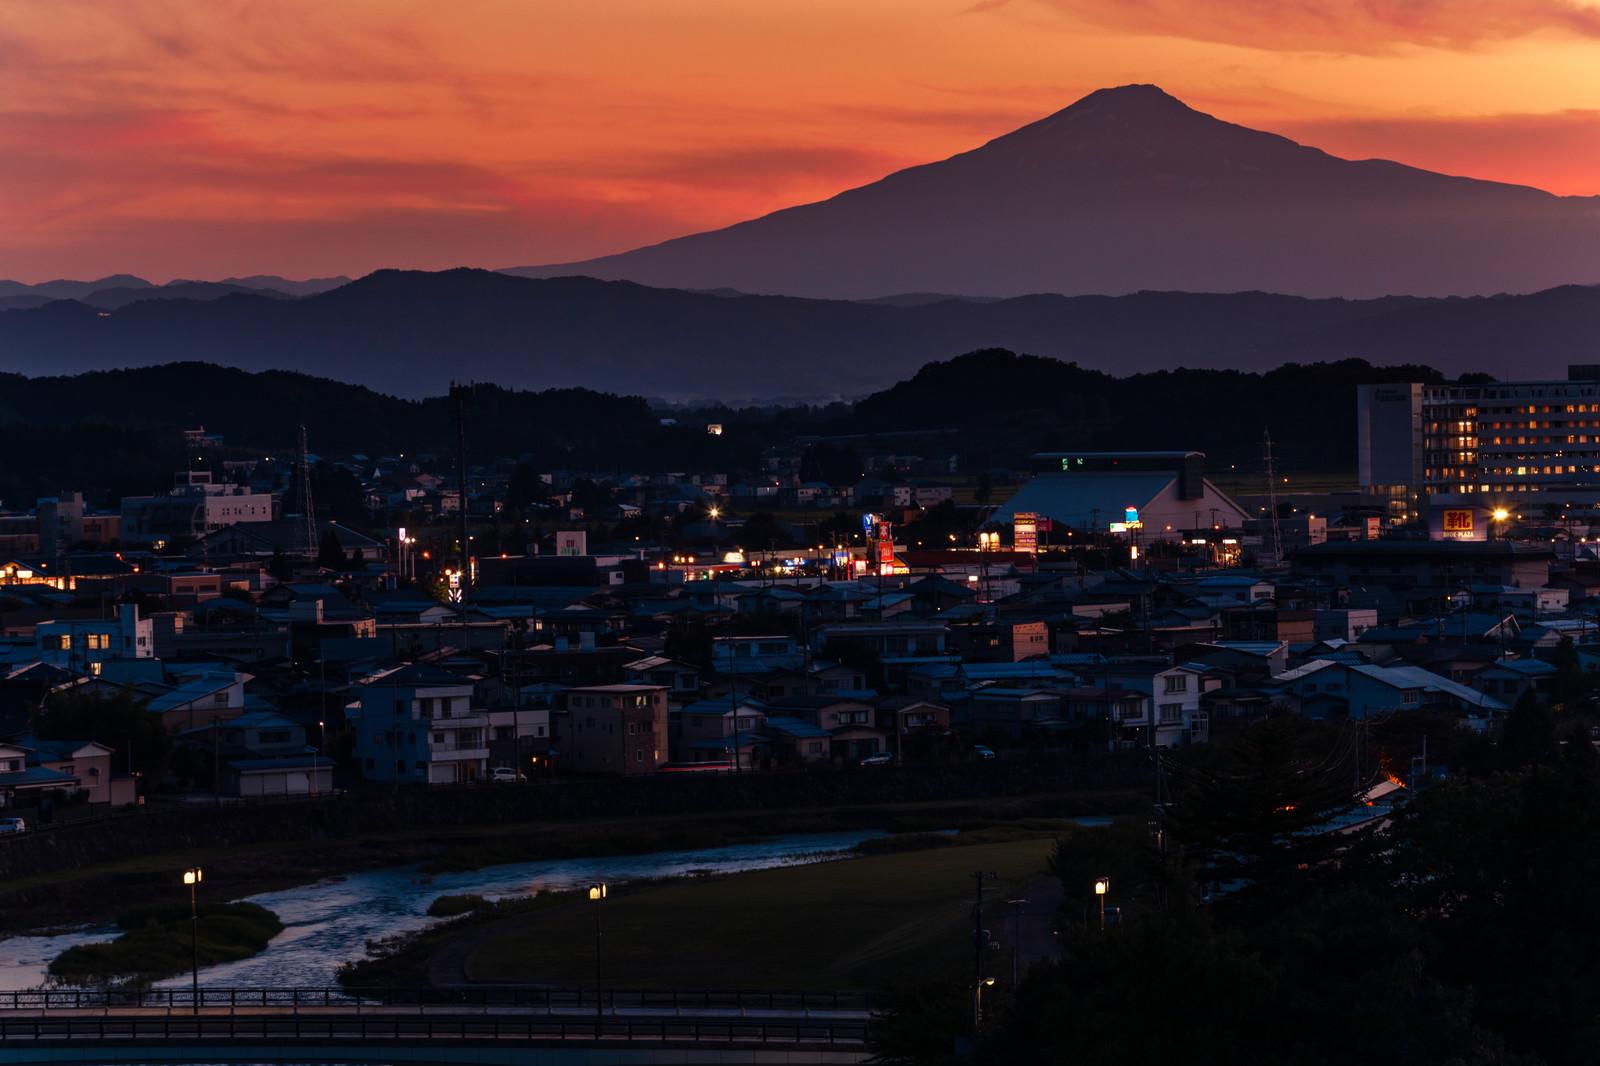 「横手市街と鳥海山の夕景」の写真